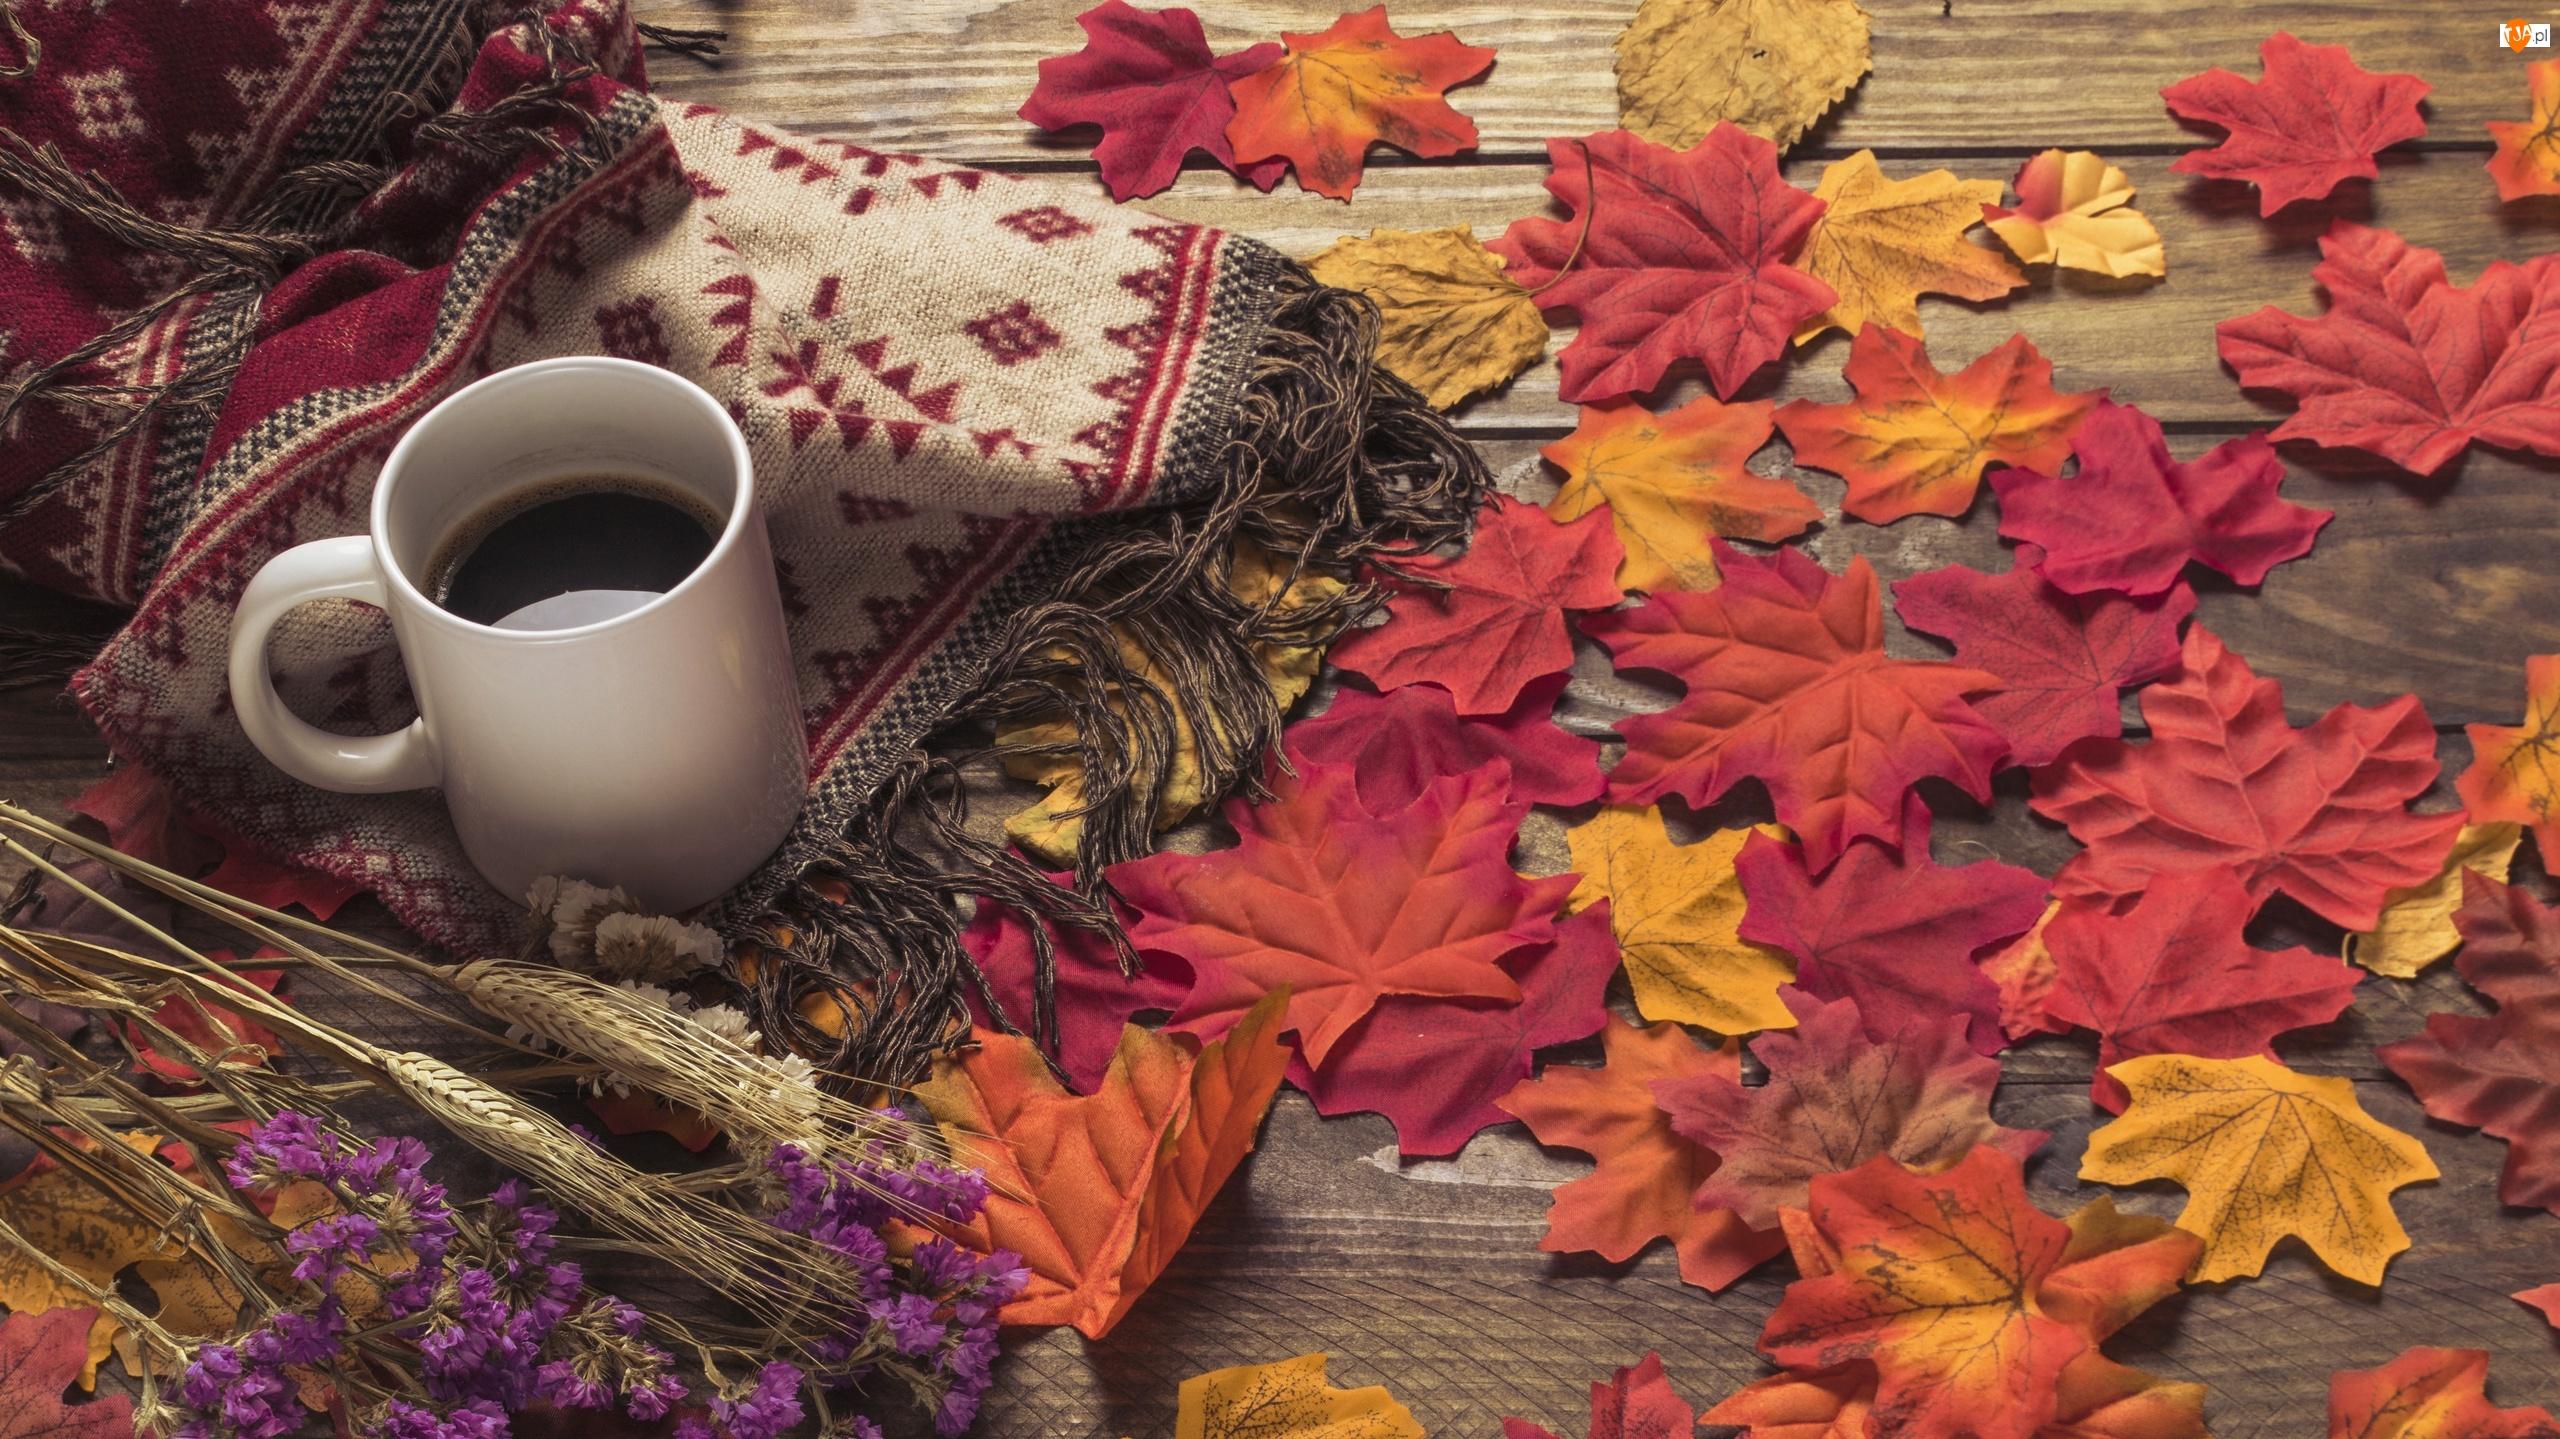 Kwiaty, Kompozycja, Kawa, Liście, Szal